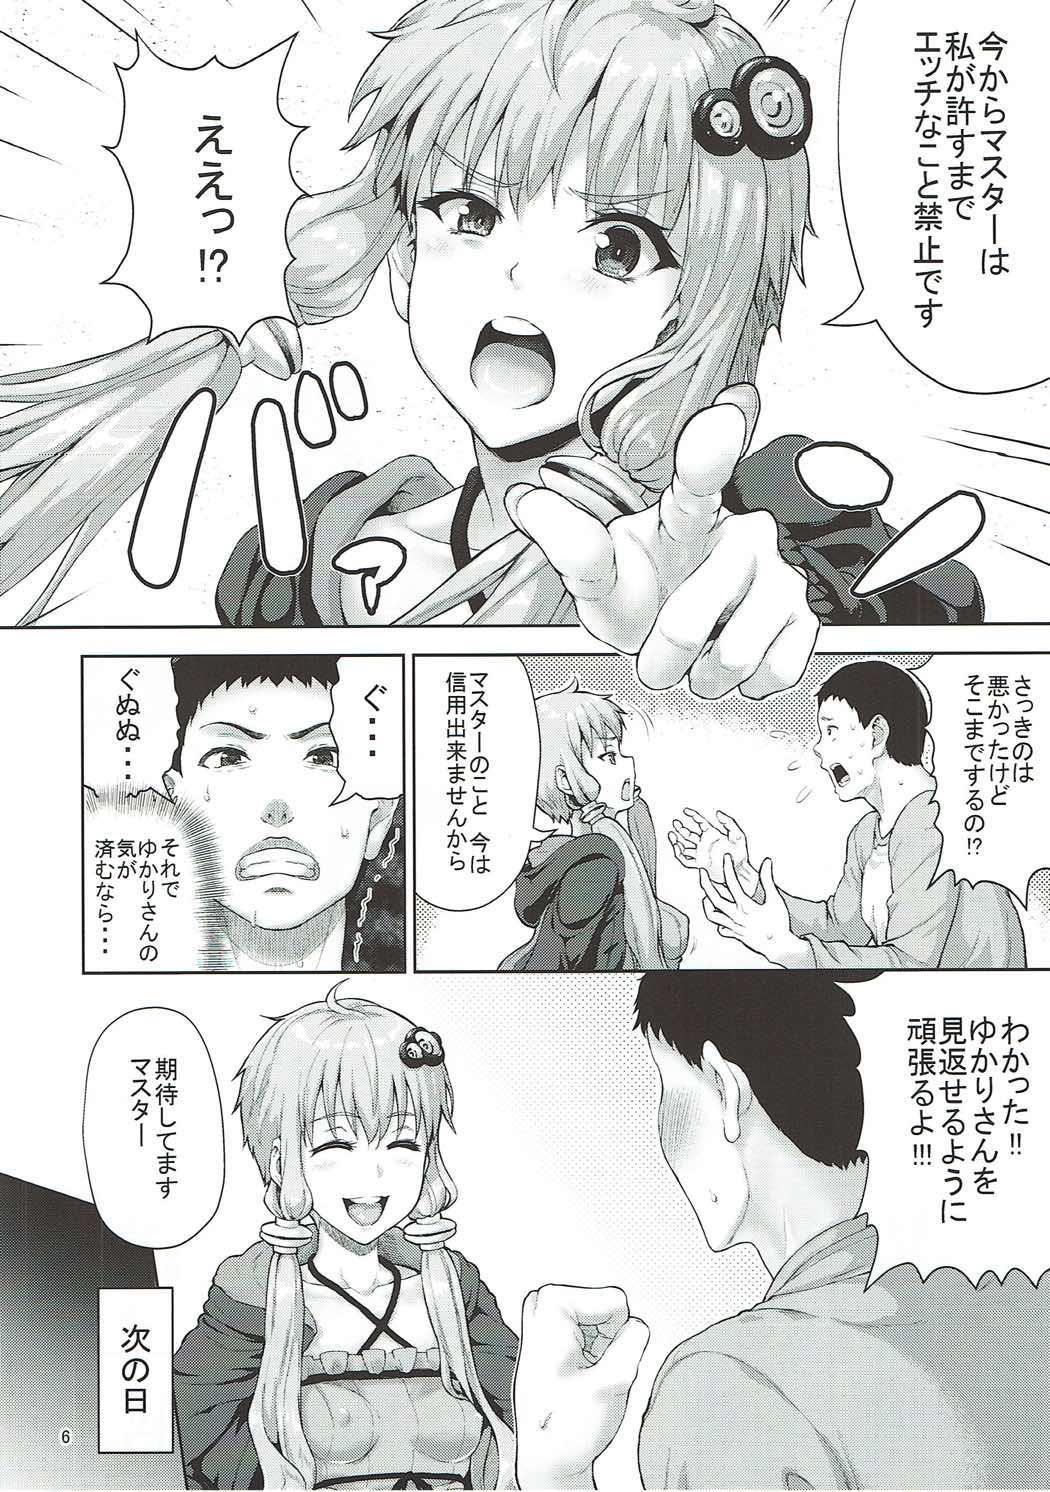 Yukari-san wa Zenzen Erokunai desu kara!!! 4